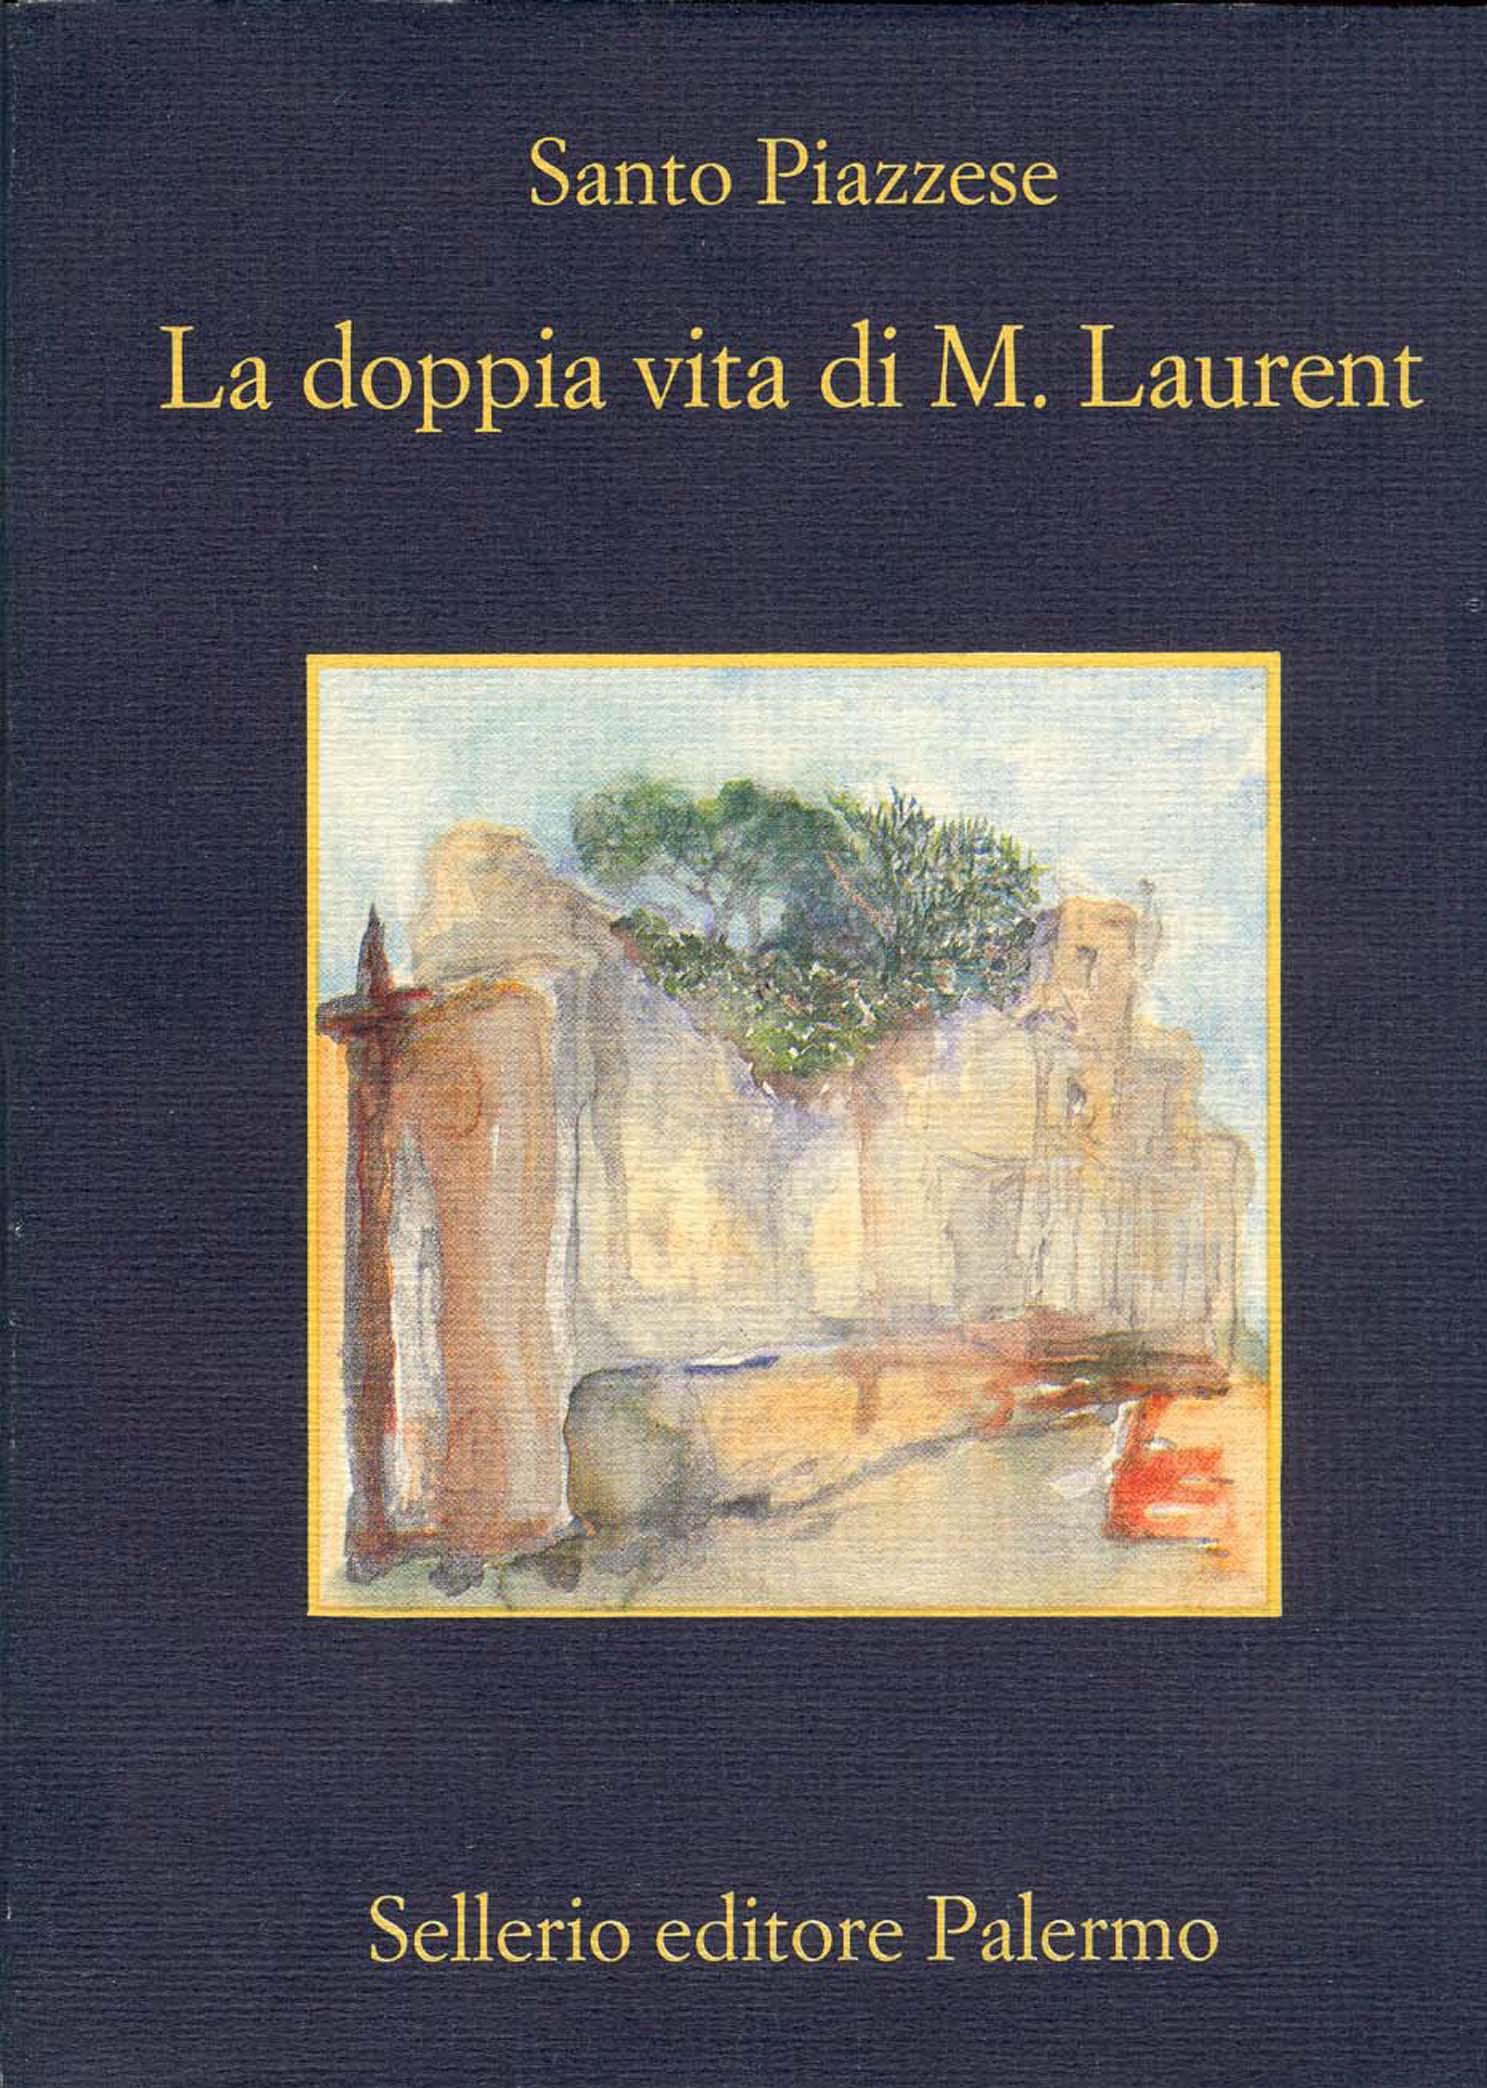 Santo Piazzese, La doppia vita di M. Laurent, Sellerio